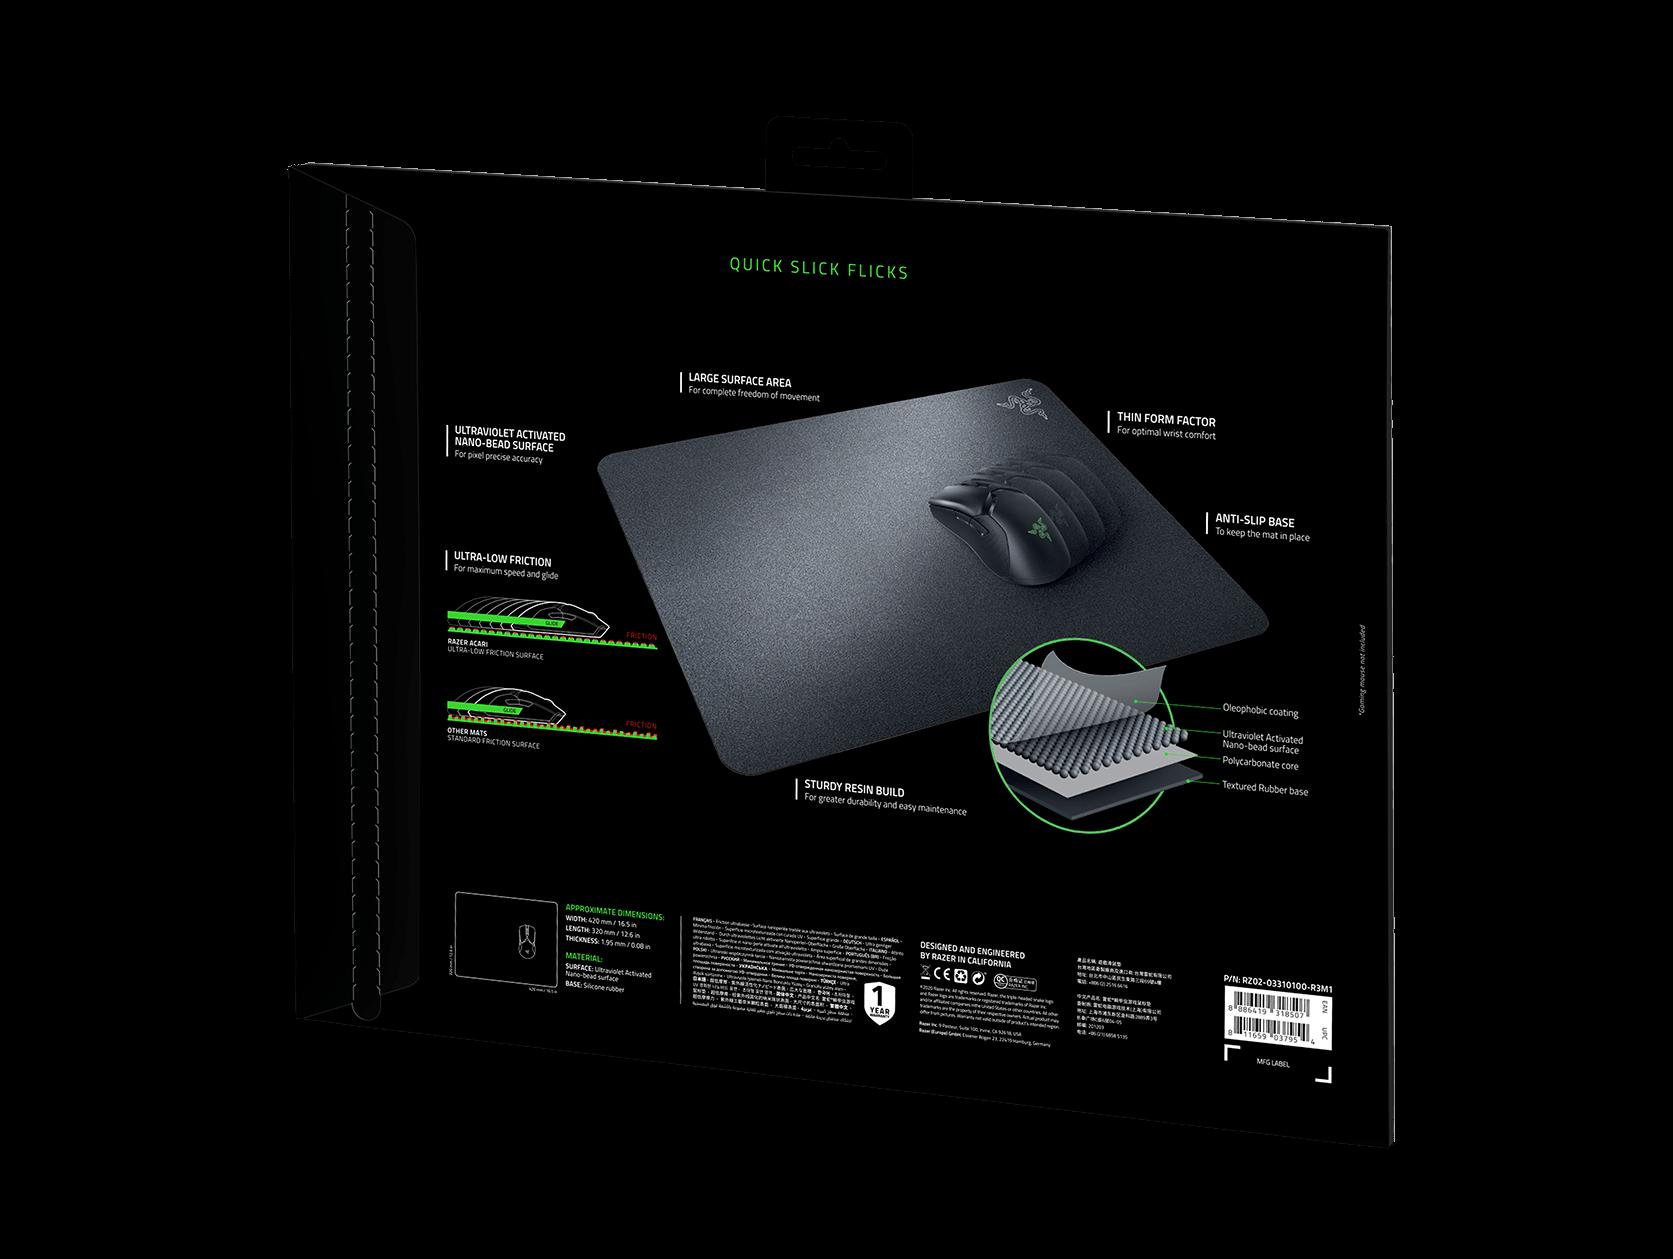 Razer Acari: Annunciato Il Mousepad &Quot;Veloce Come Un Fulmine&Quot; 2 - Hynerd.it